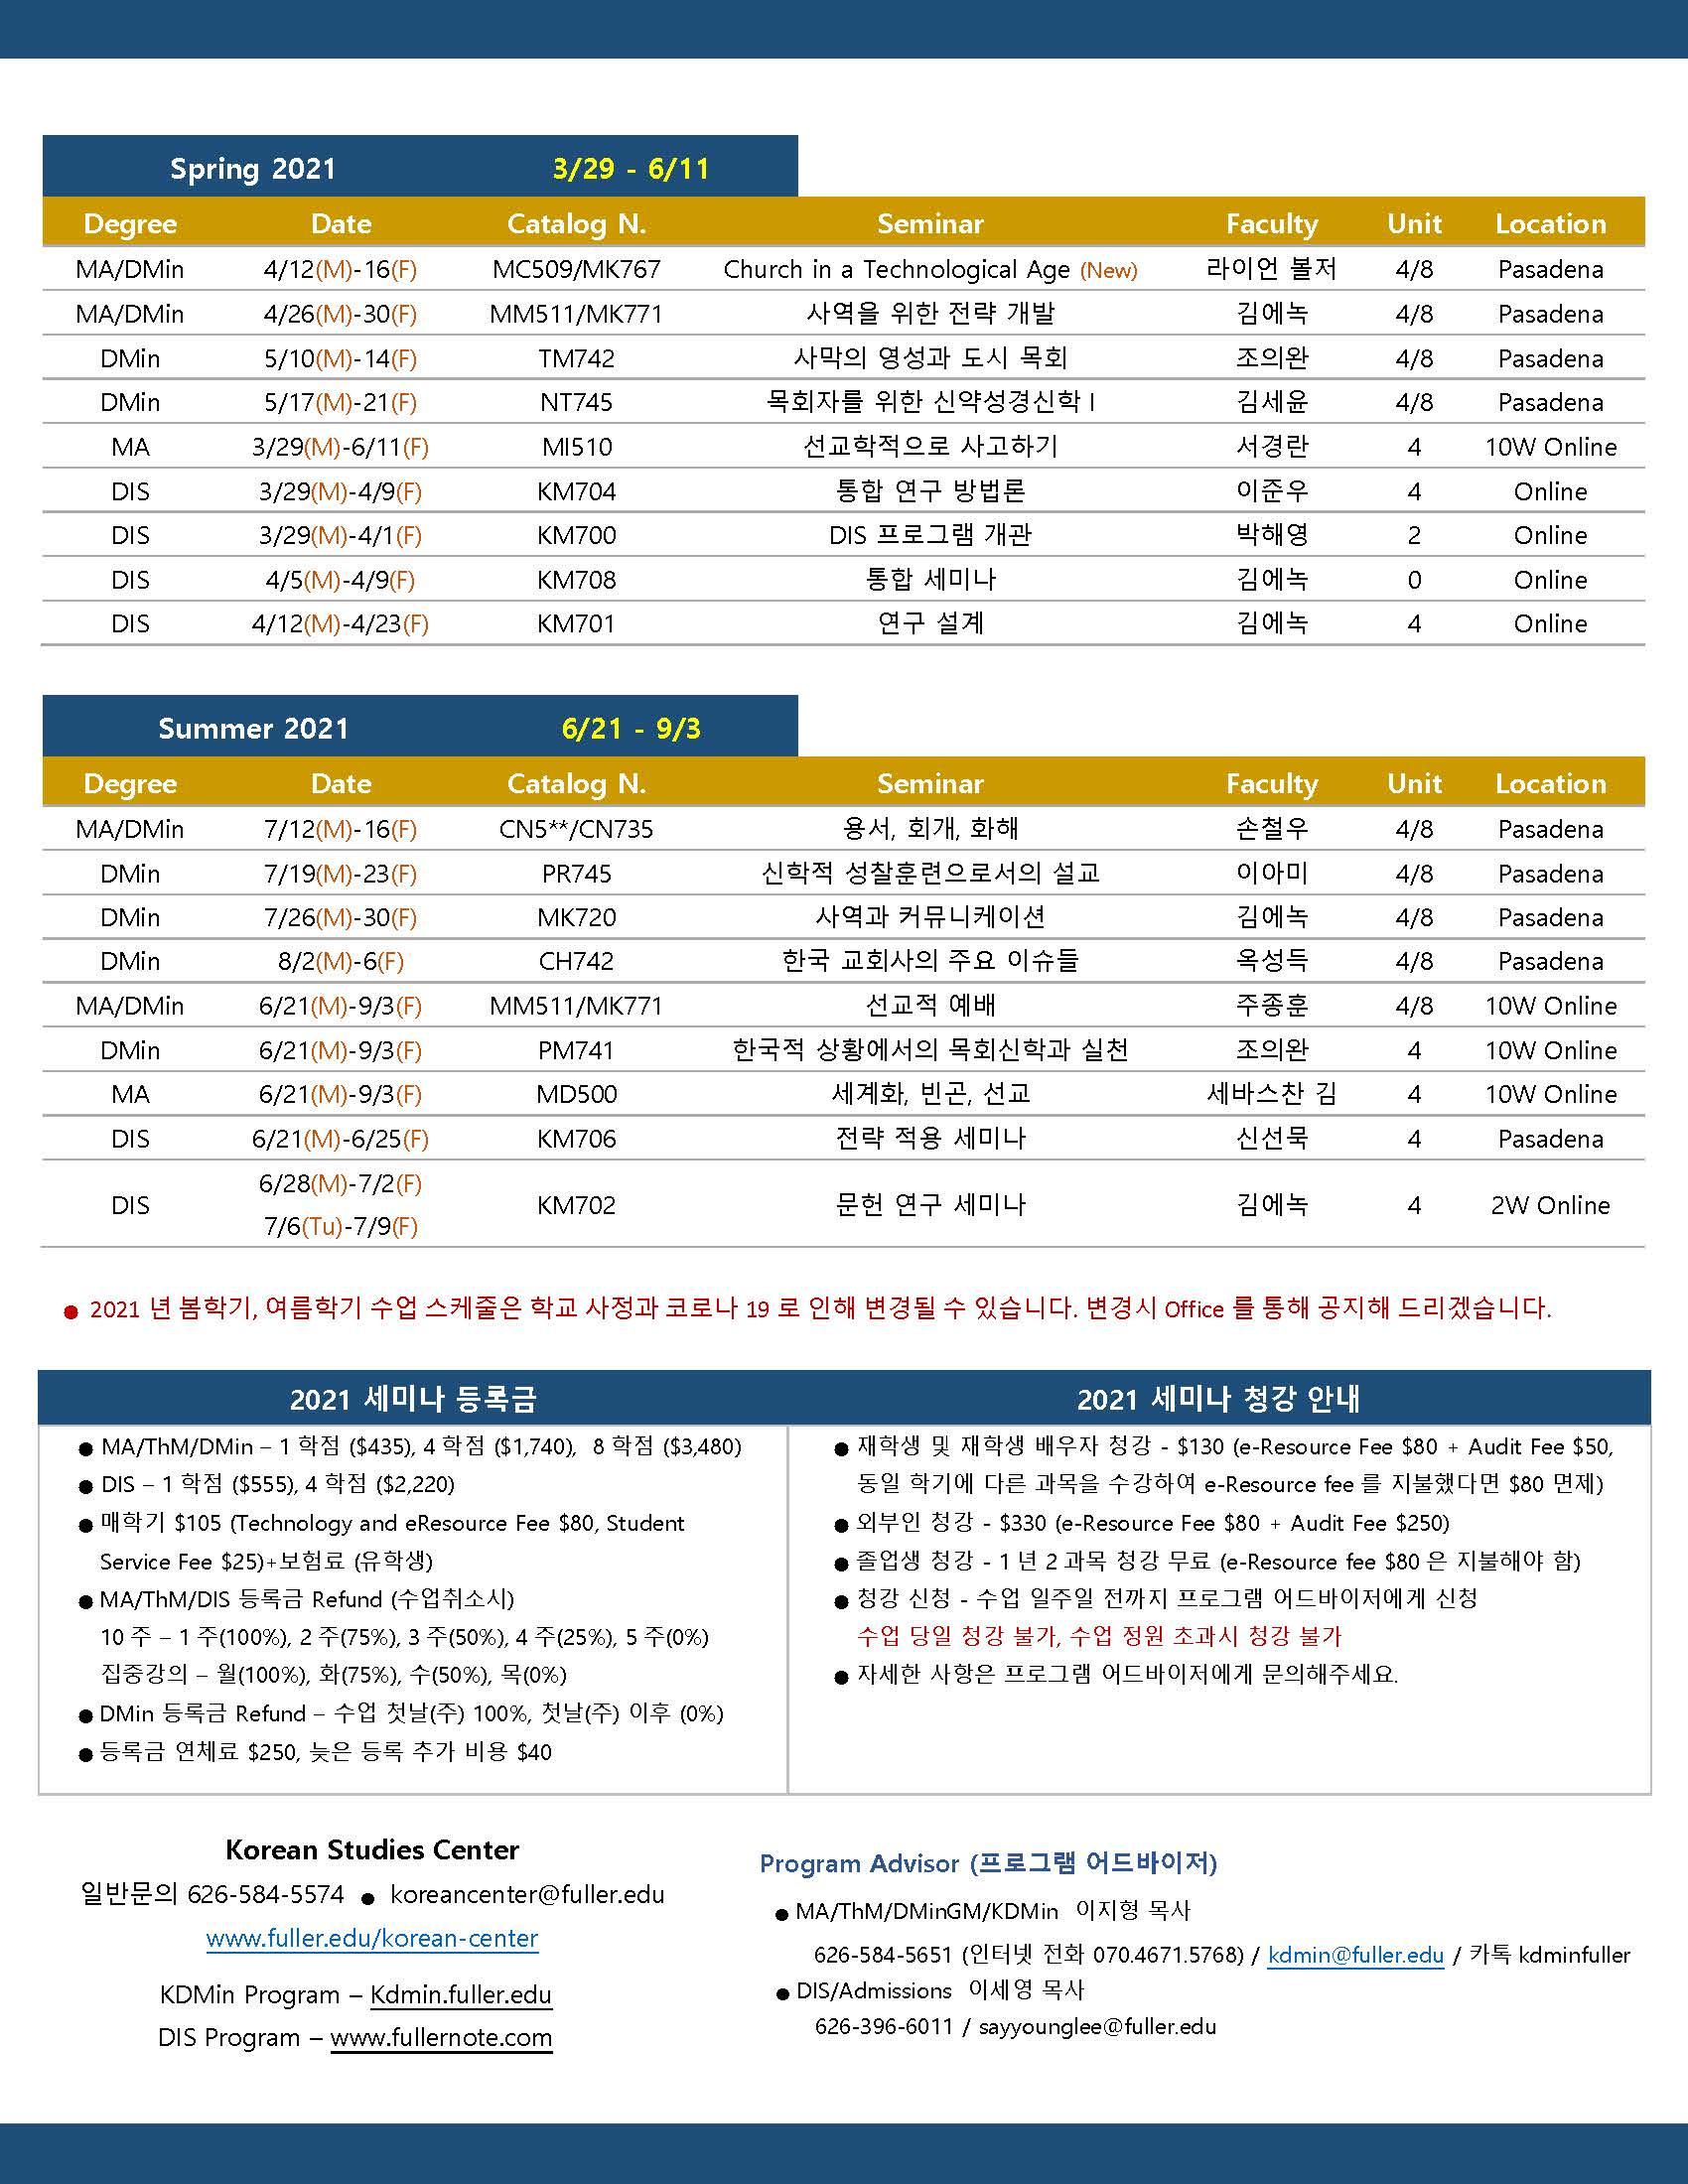 KSC Winter 2021 겨울학기 스케줄_Page_2.jpg